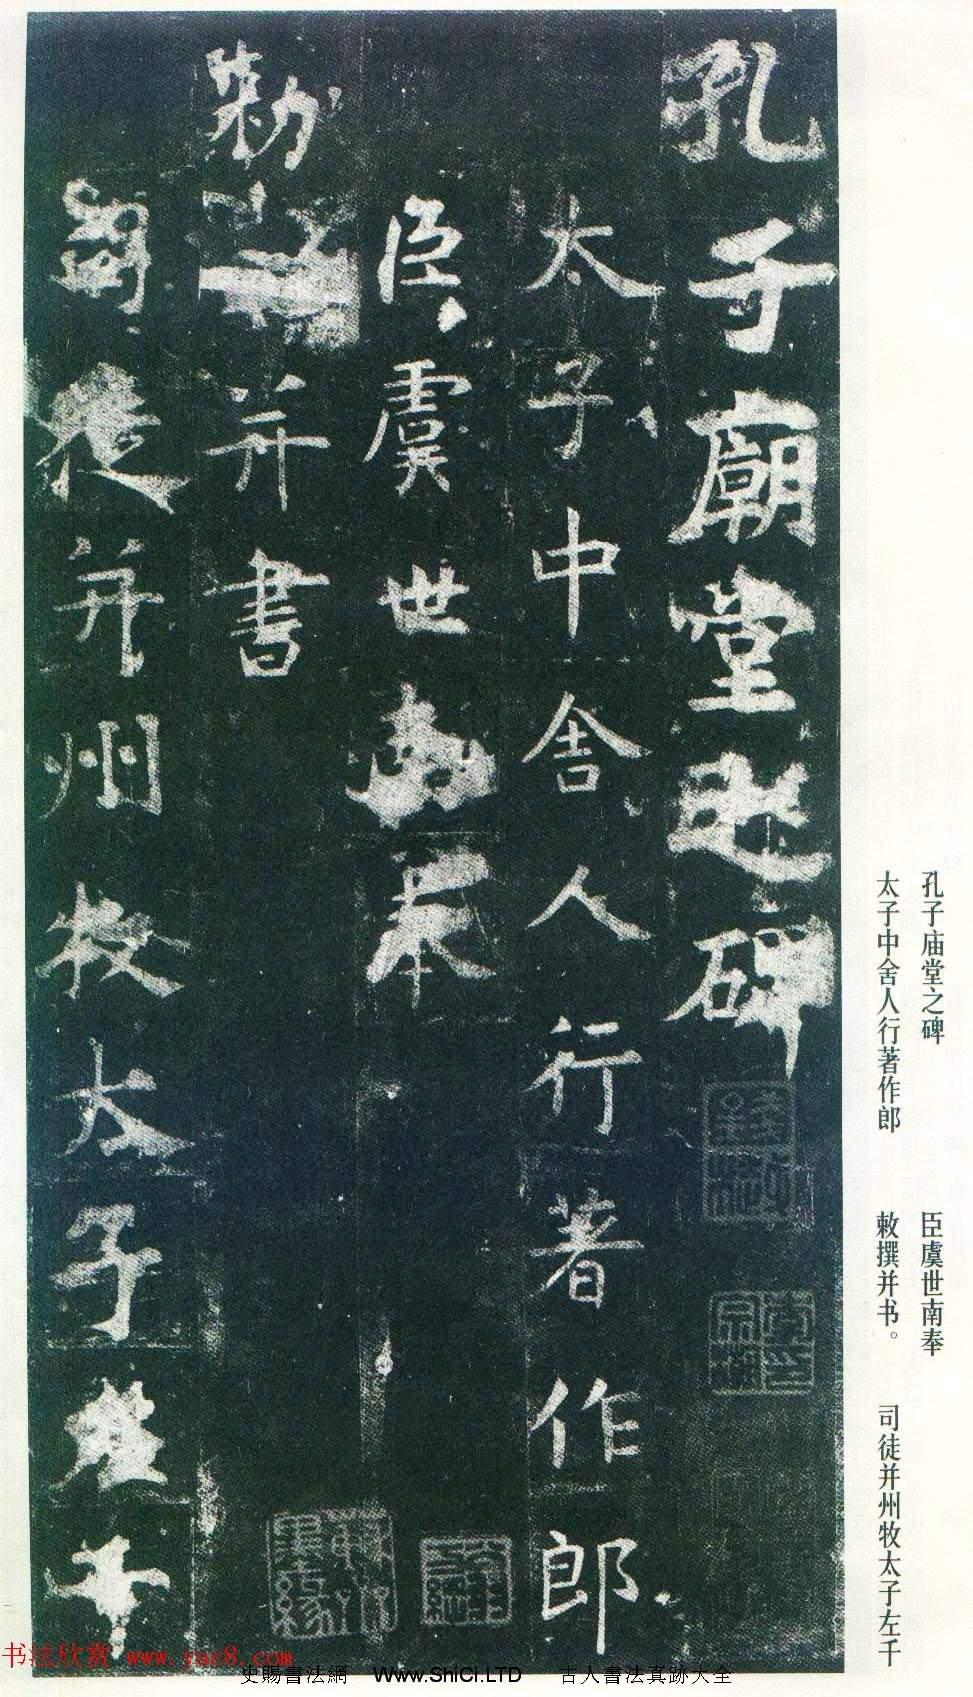 虞世南楷書《孔子廟堂碑》唐拓本 日本三井藏(共42張圖片)